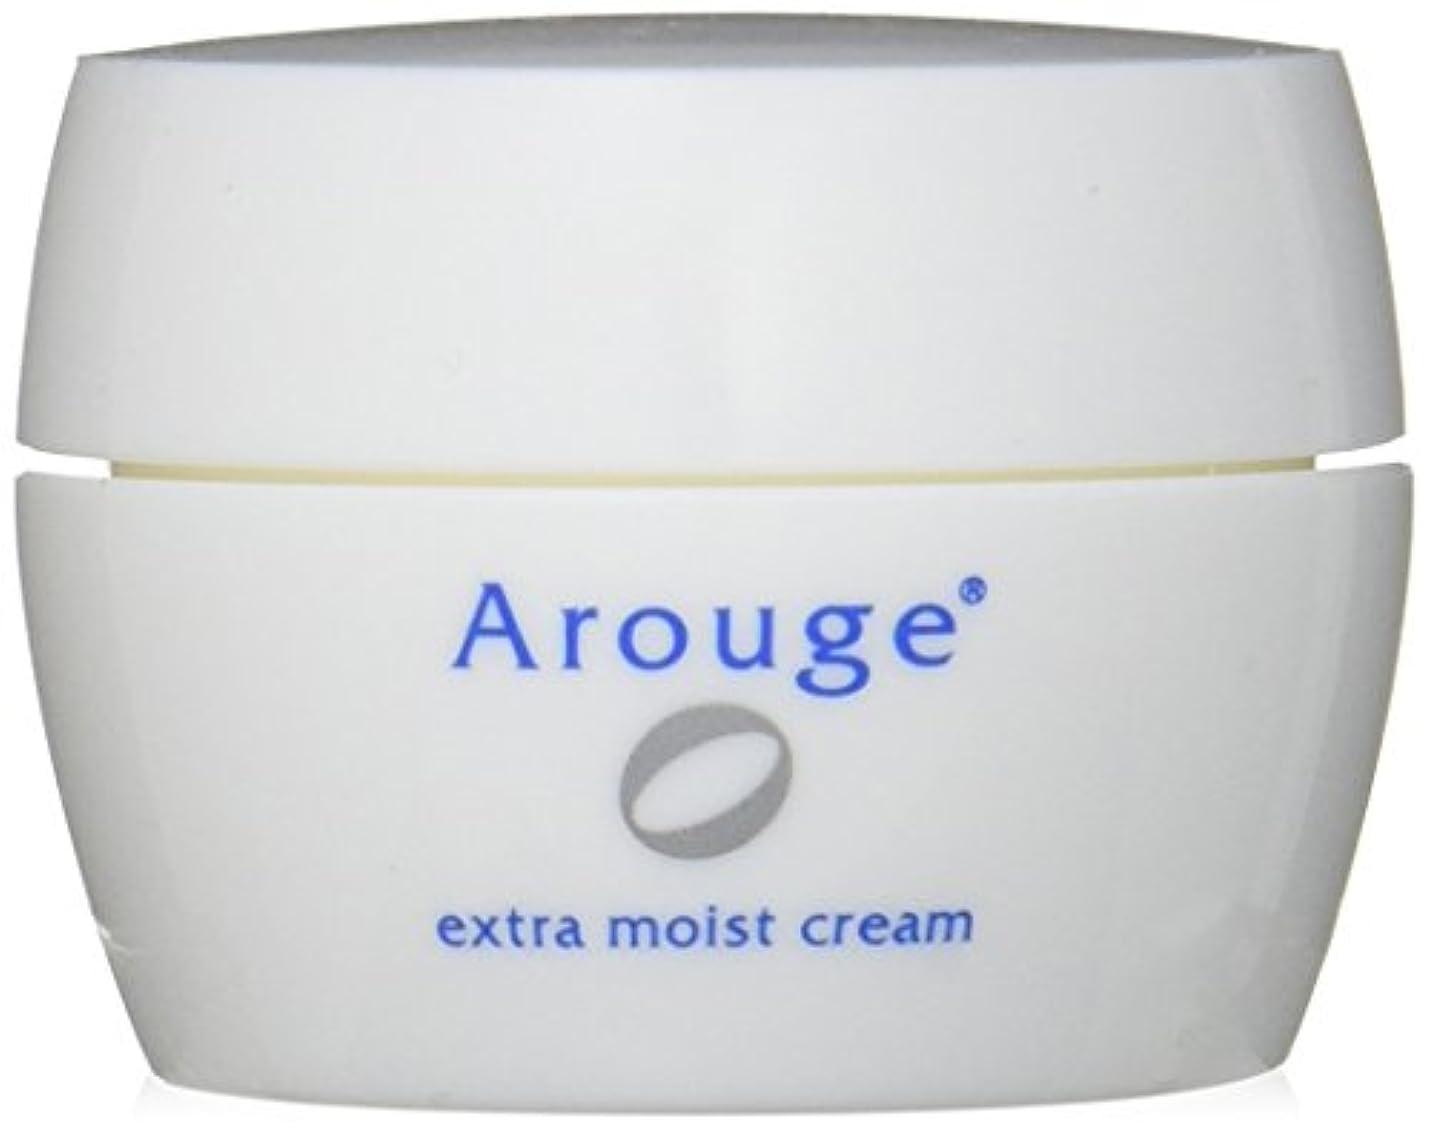 熱帯の中古ホイストアルージェ エクストラモイストクリーム(とてもしっとり) 30g